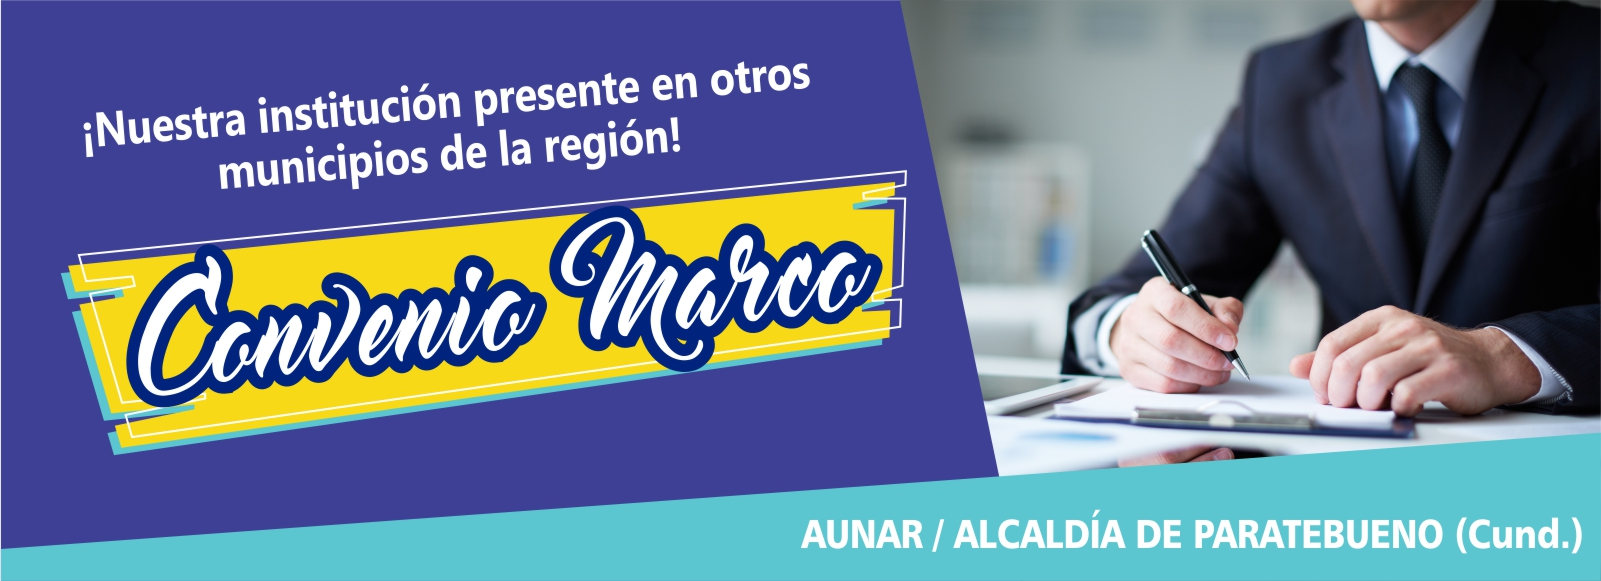 Nuevo convenio marco: Alcaldía de Paratebueno (Cundinamarca) con la AUNAR Villavicencio.